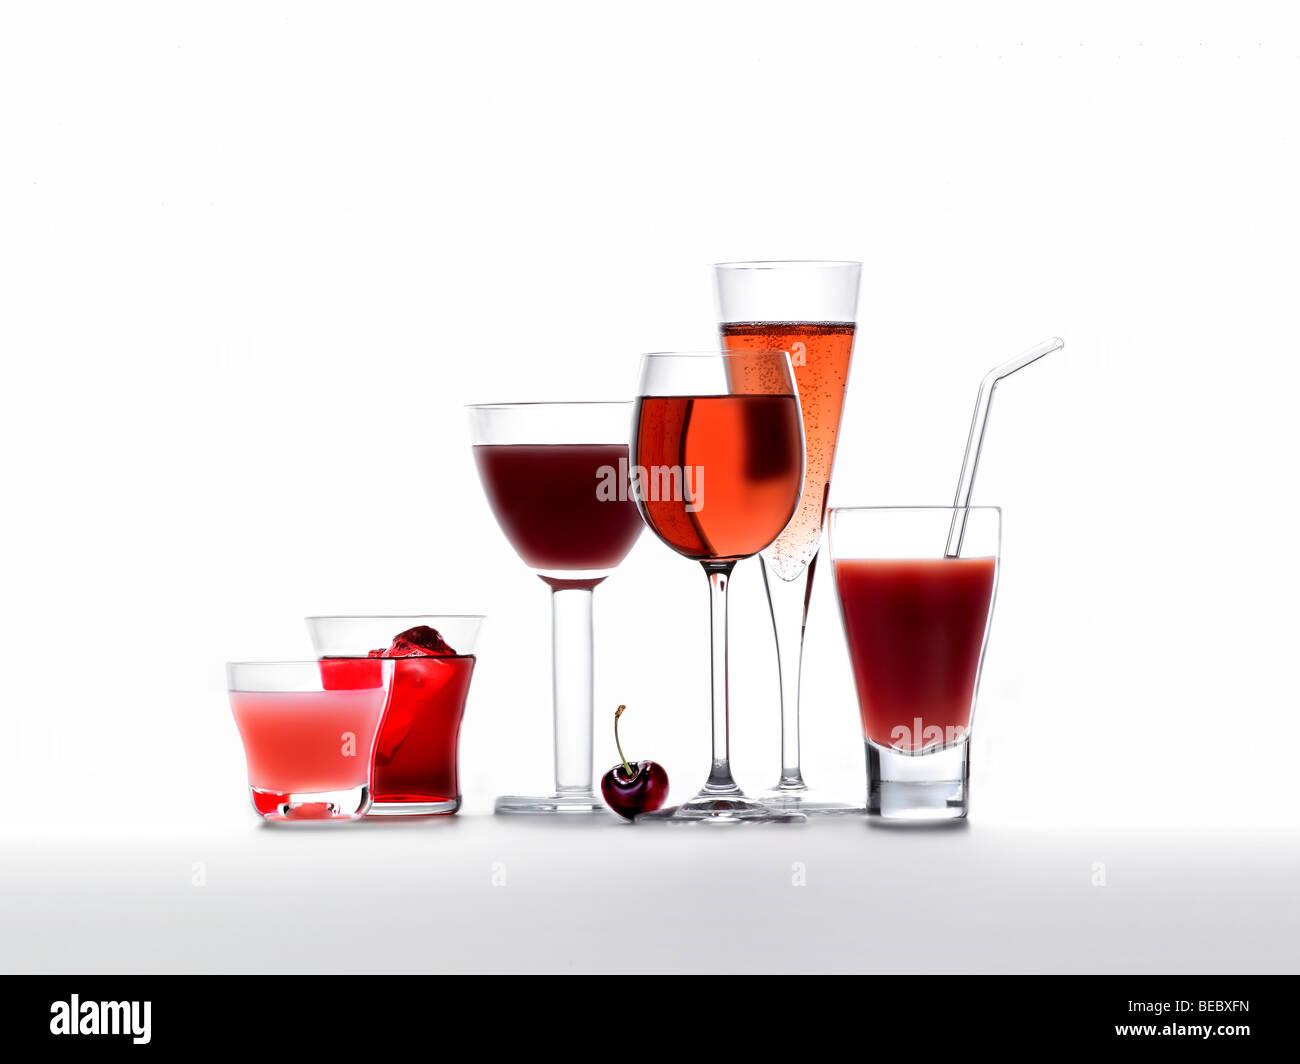 Kalte Getränke, Säfte, Smoothies, Wein und Champagner Stockfoto ...